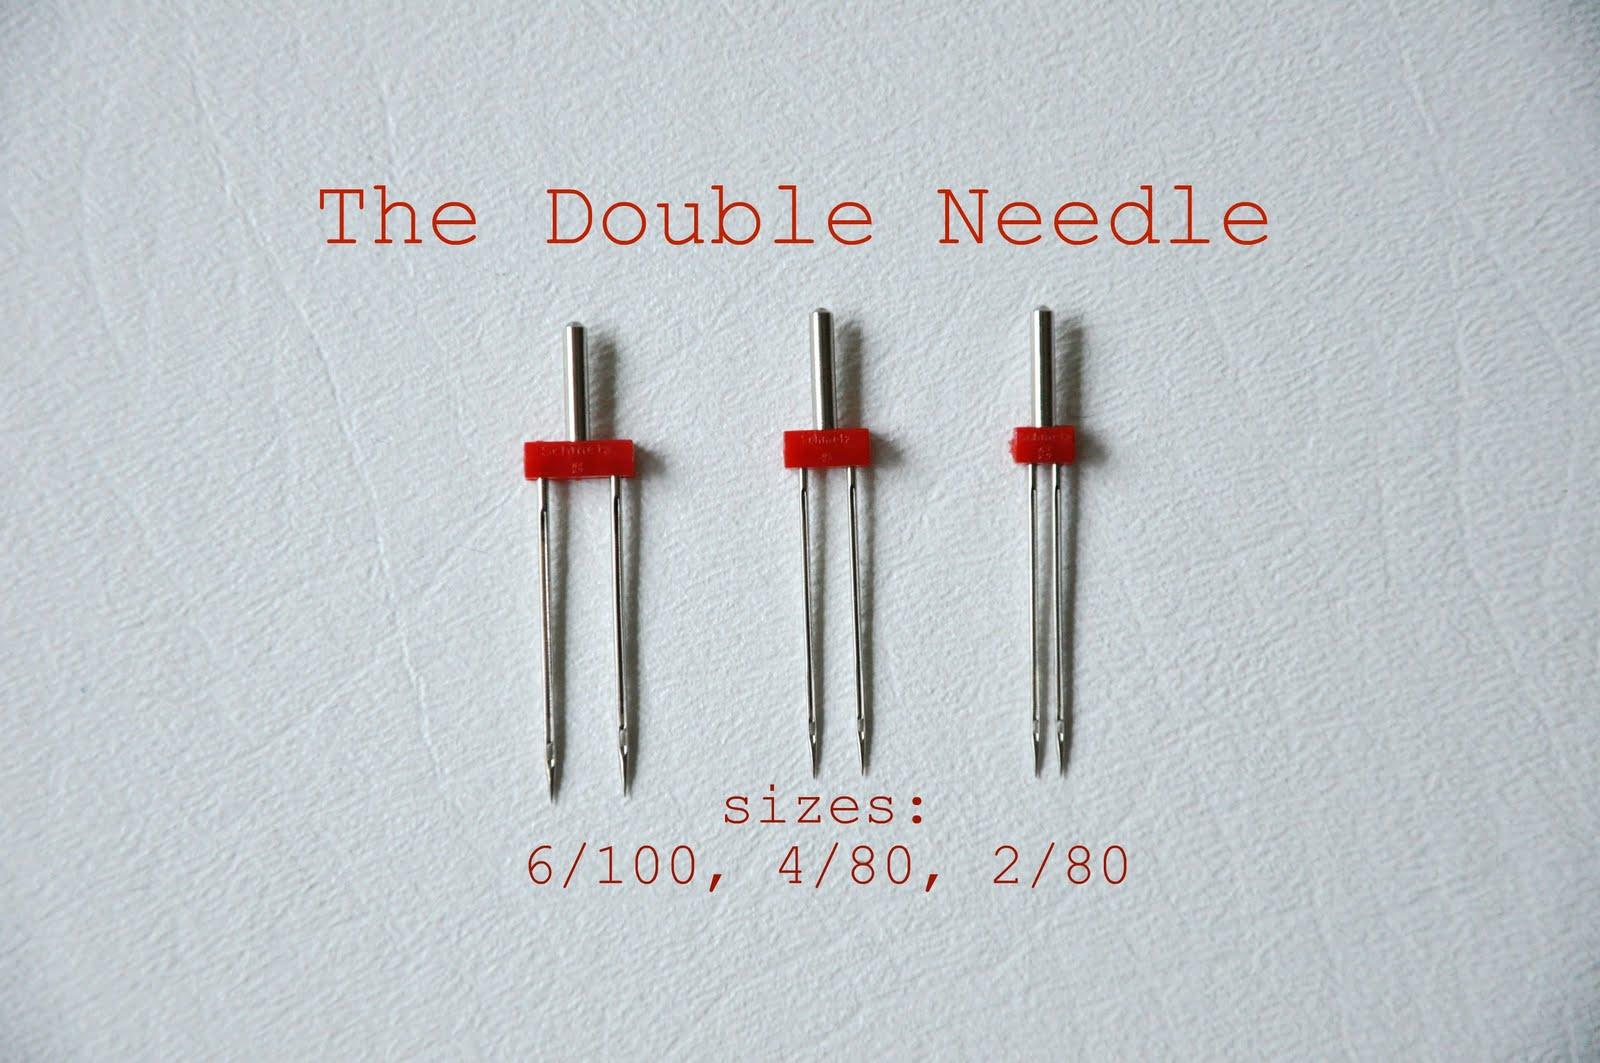 sewing machine needle sizes explained